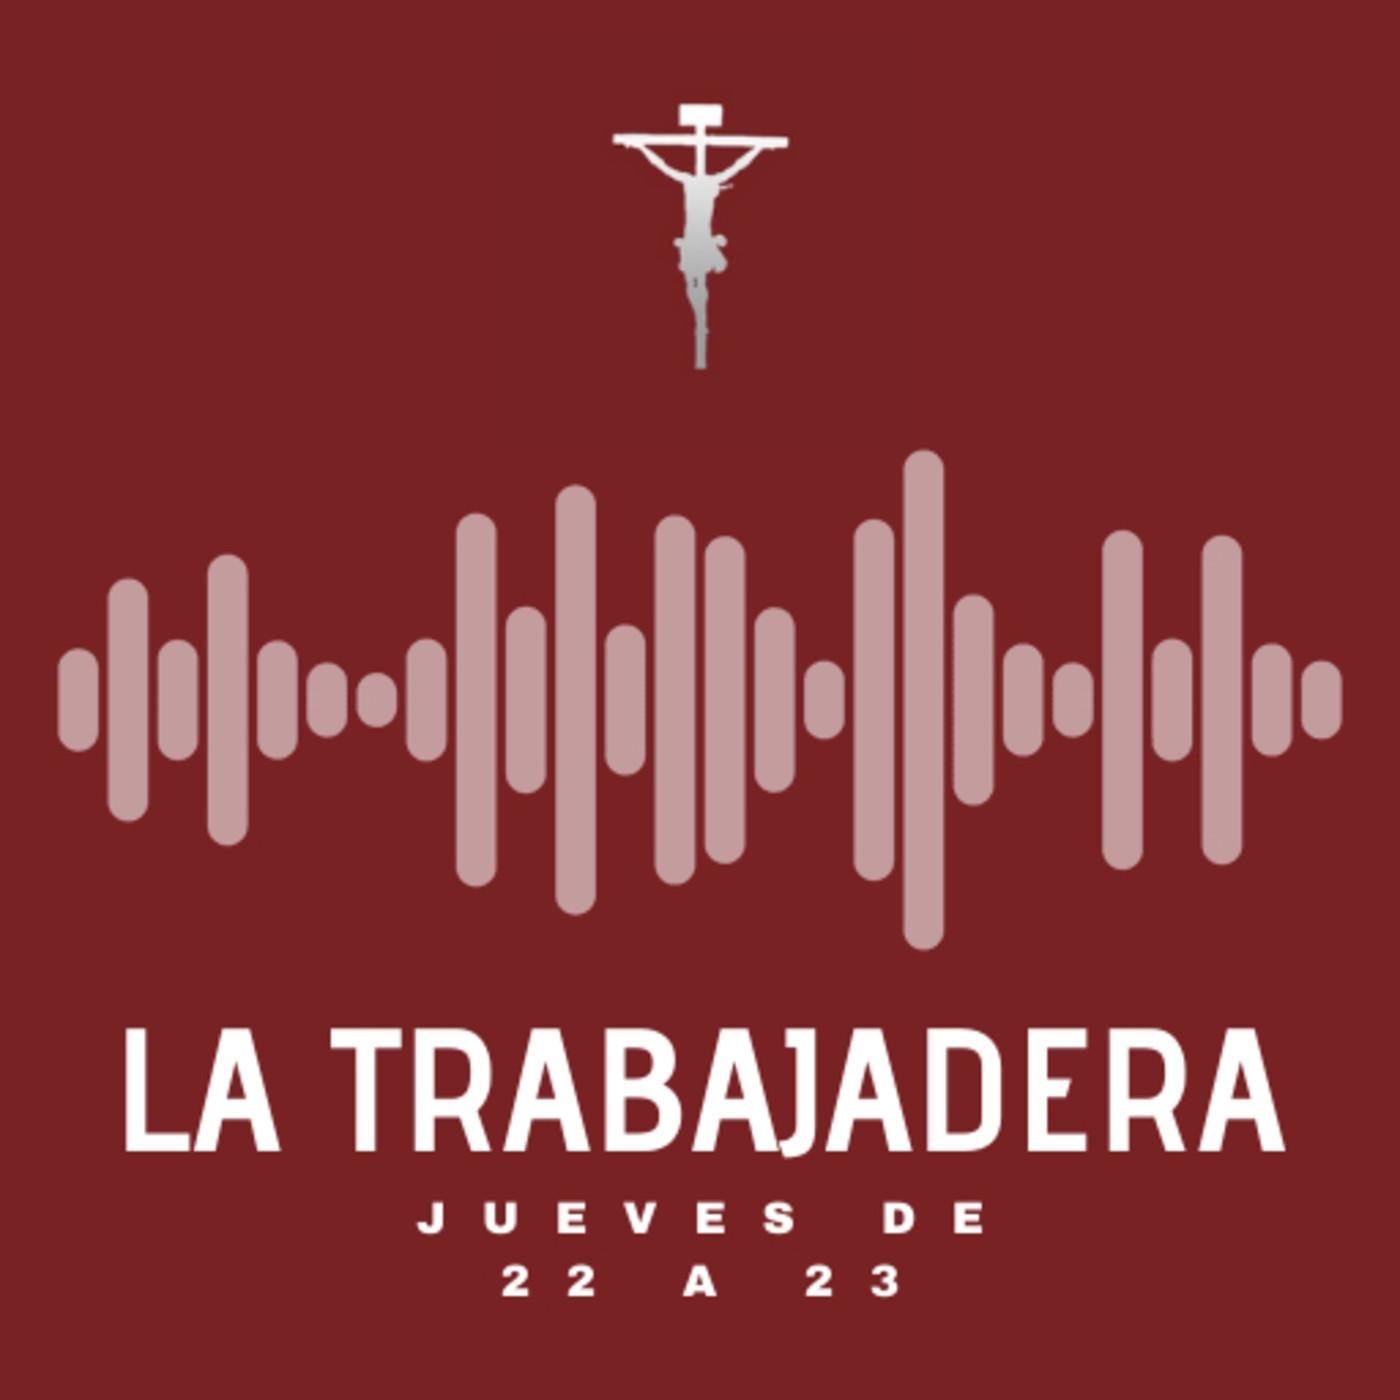 La Trabajadera Radio